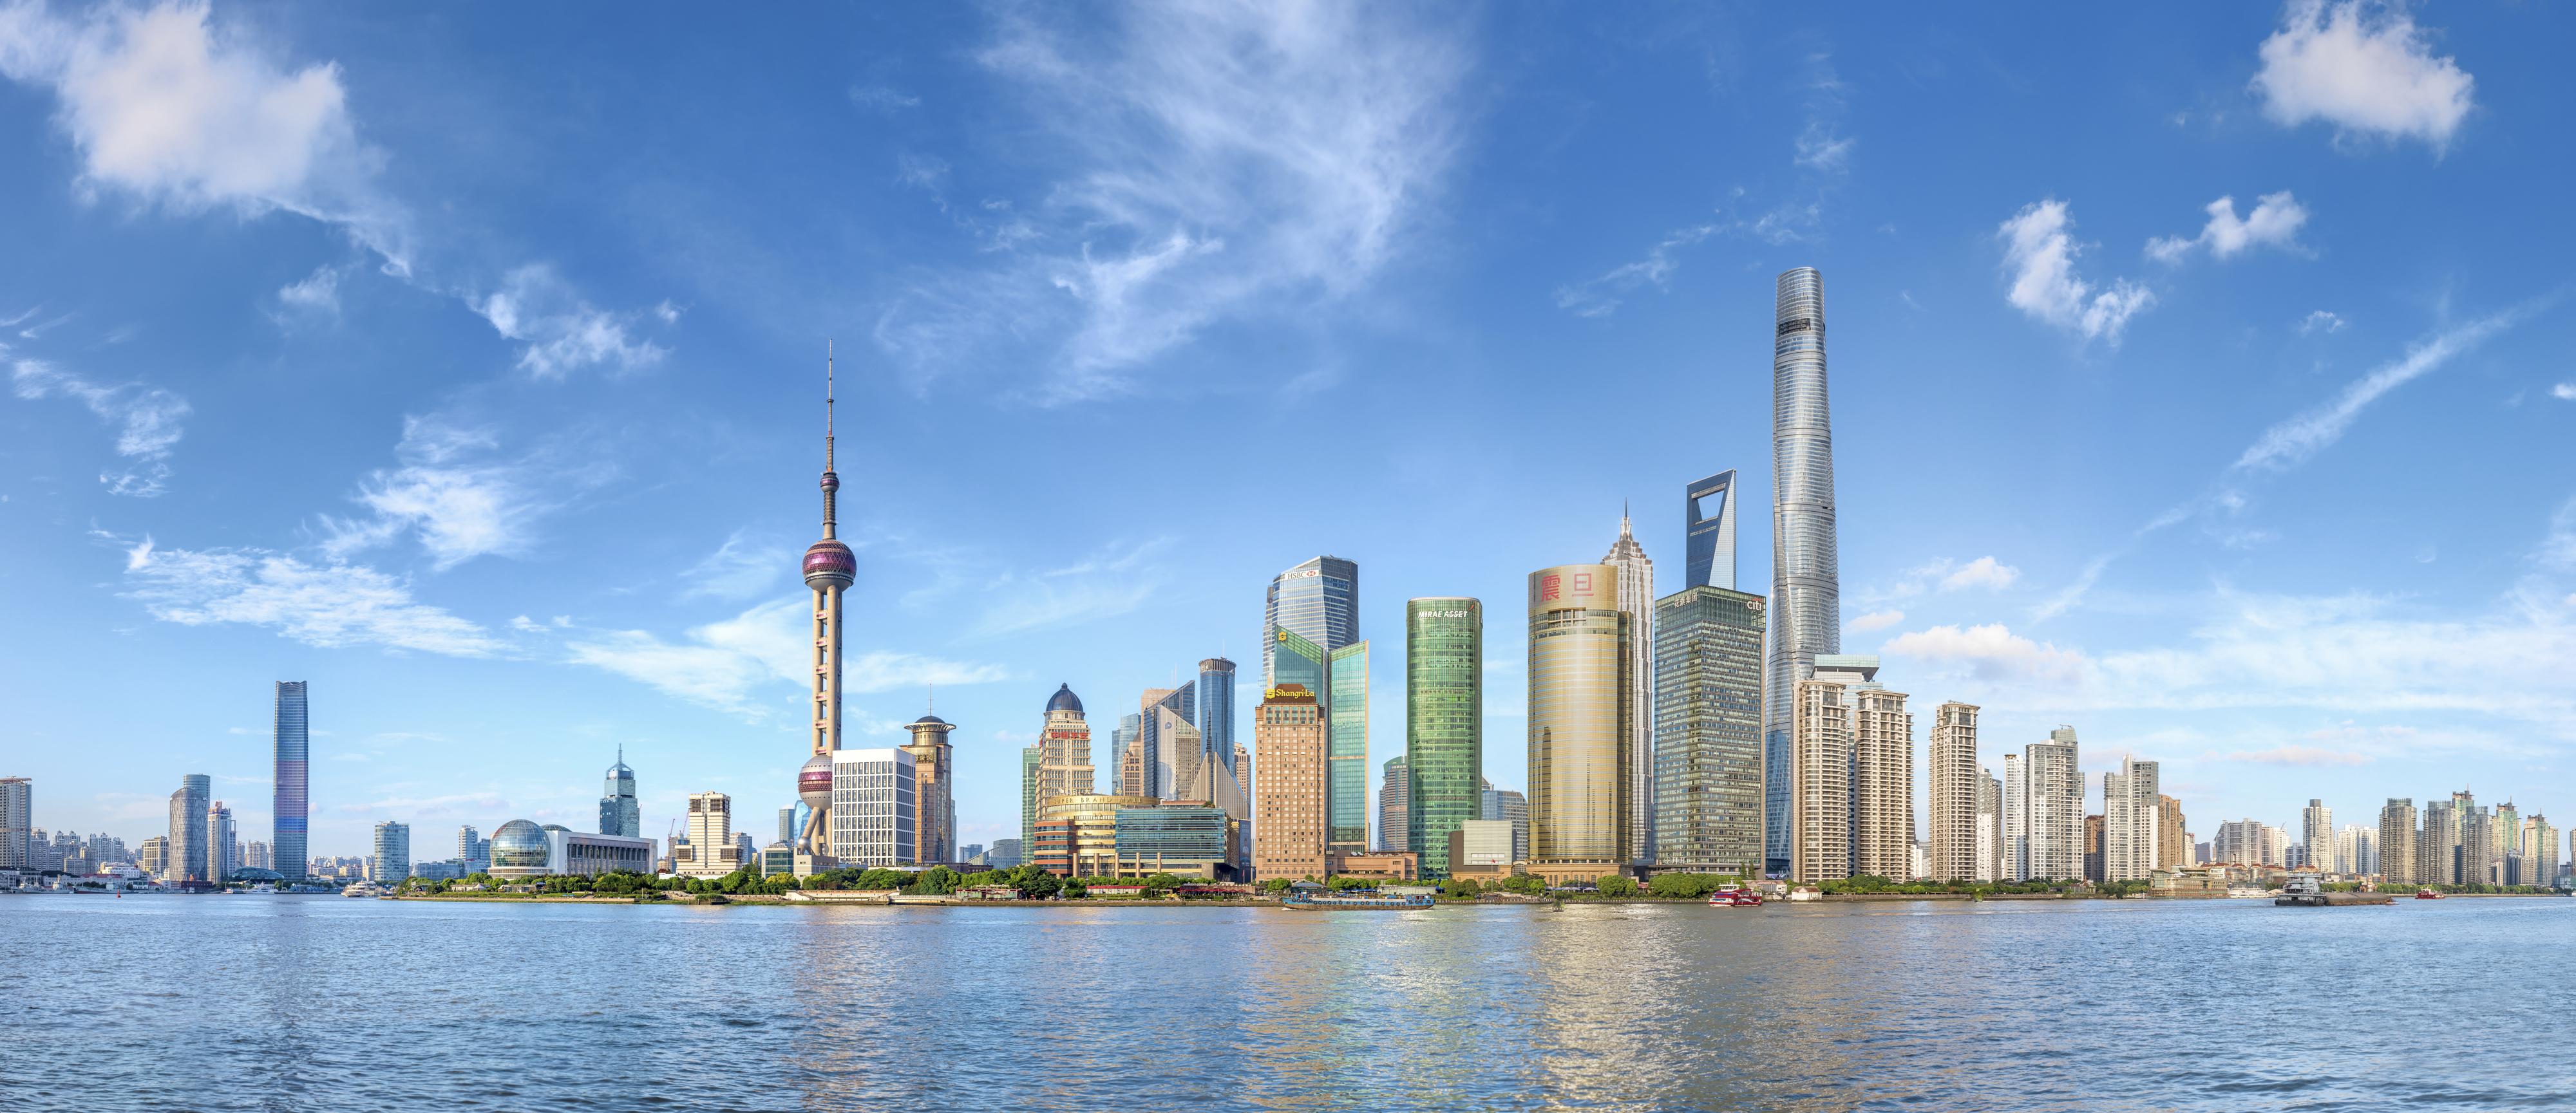 상하이 미래에셋 타워